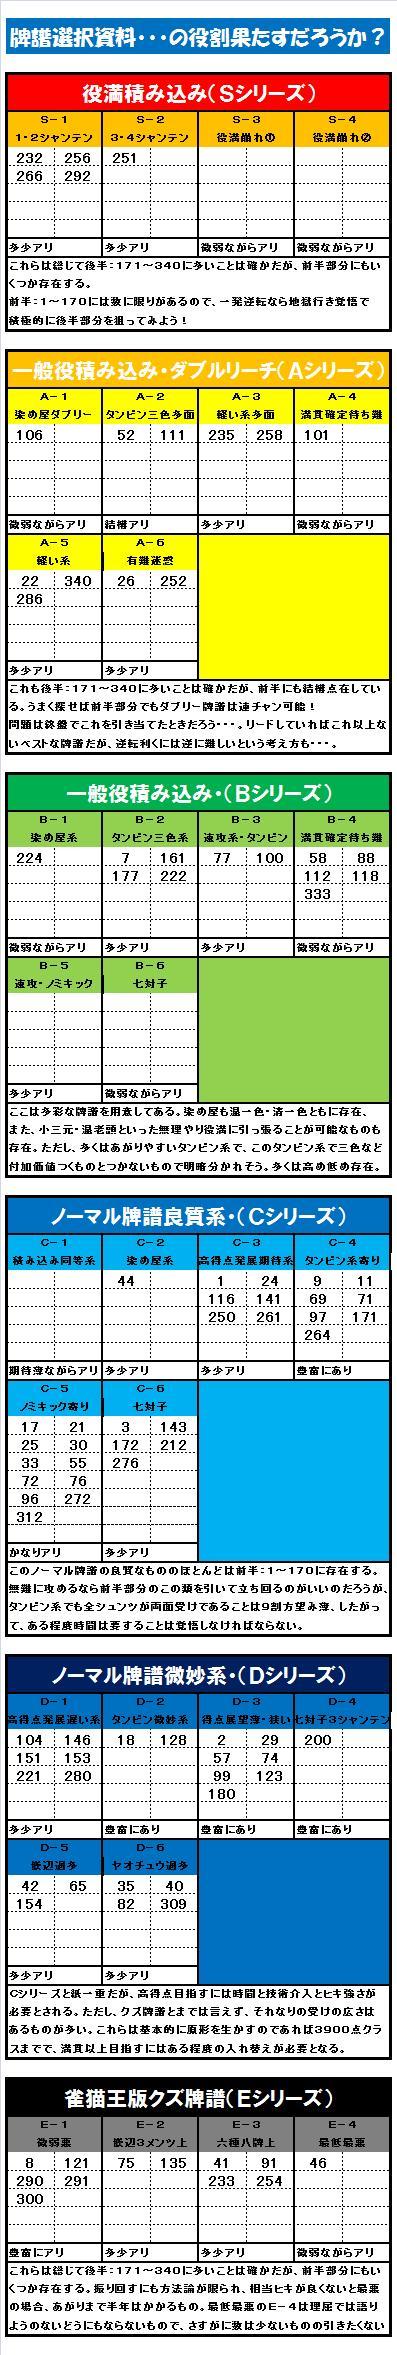 20131104・牌譜選択資料.jpg